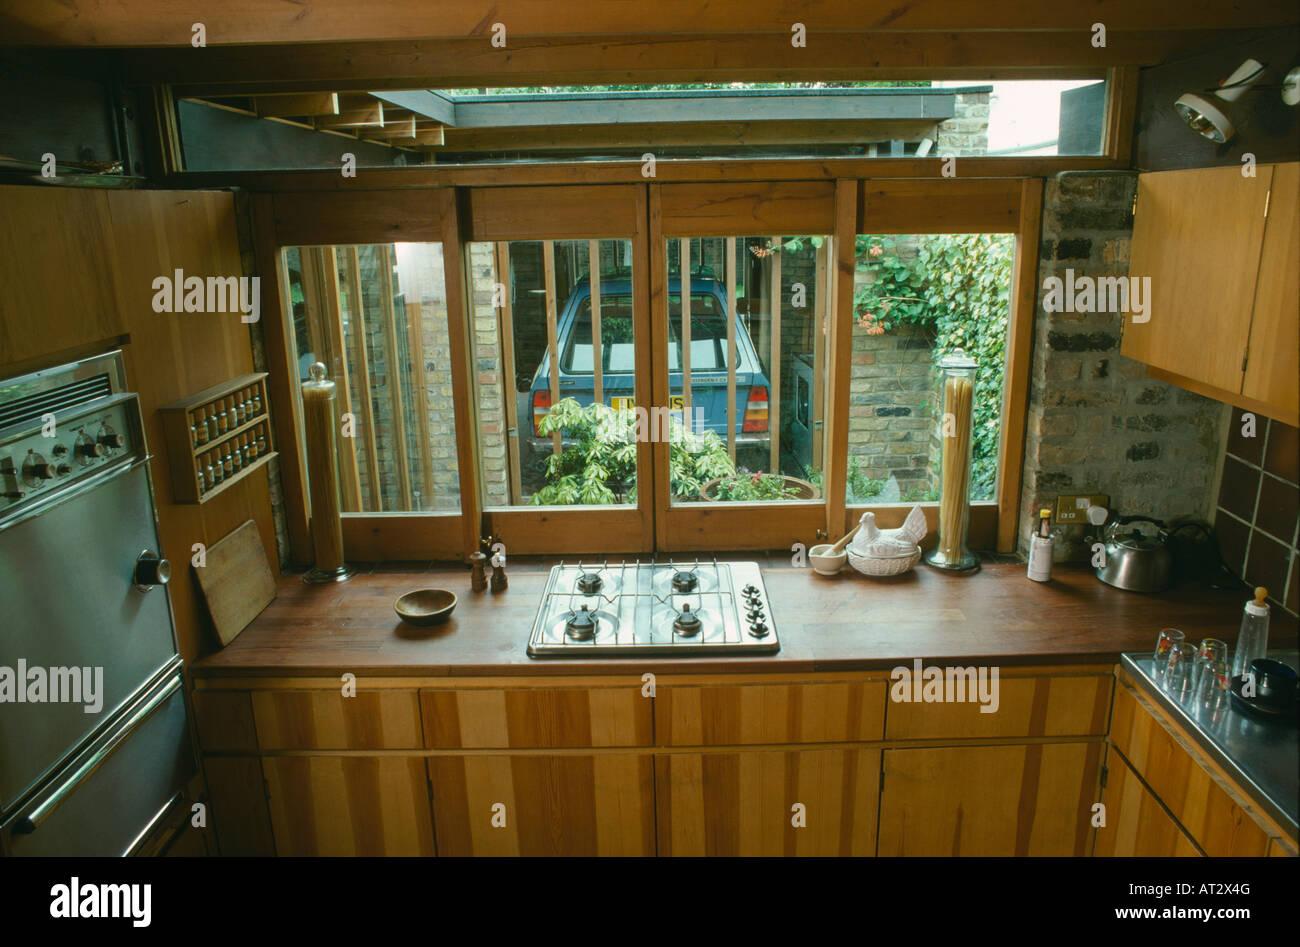 Fein Fenster In Der Küche Ideen Die Designideen für Badezimmer